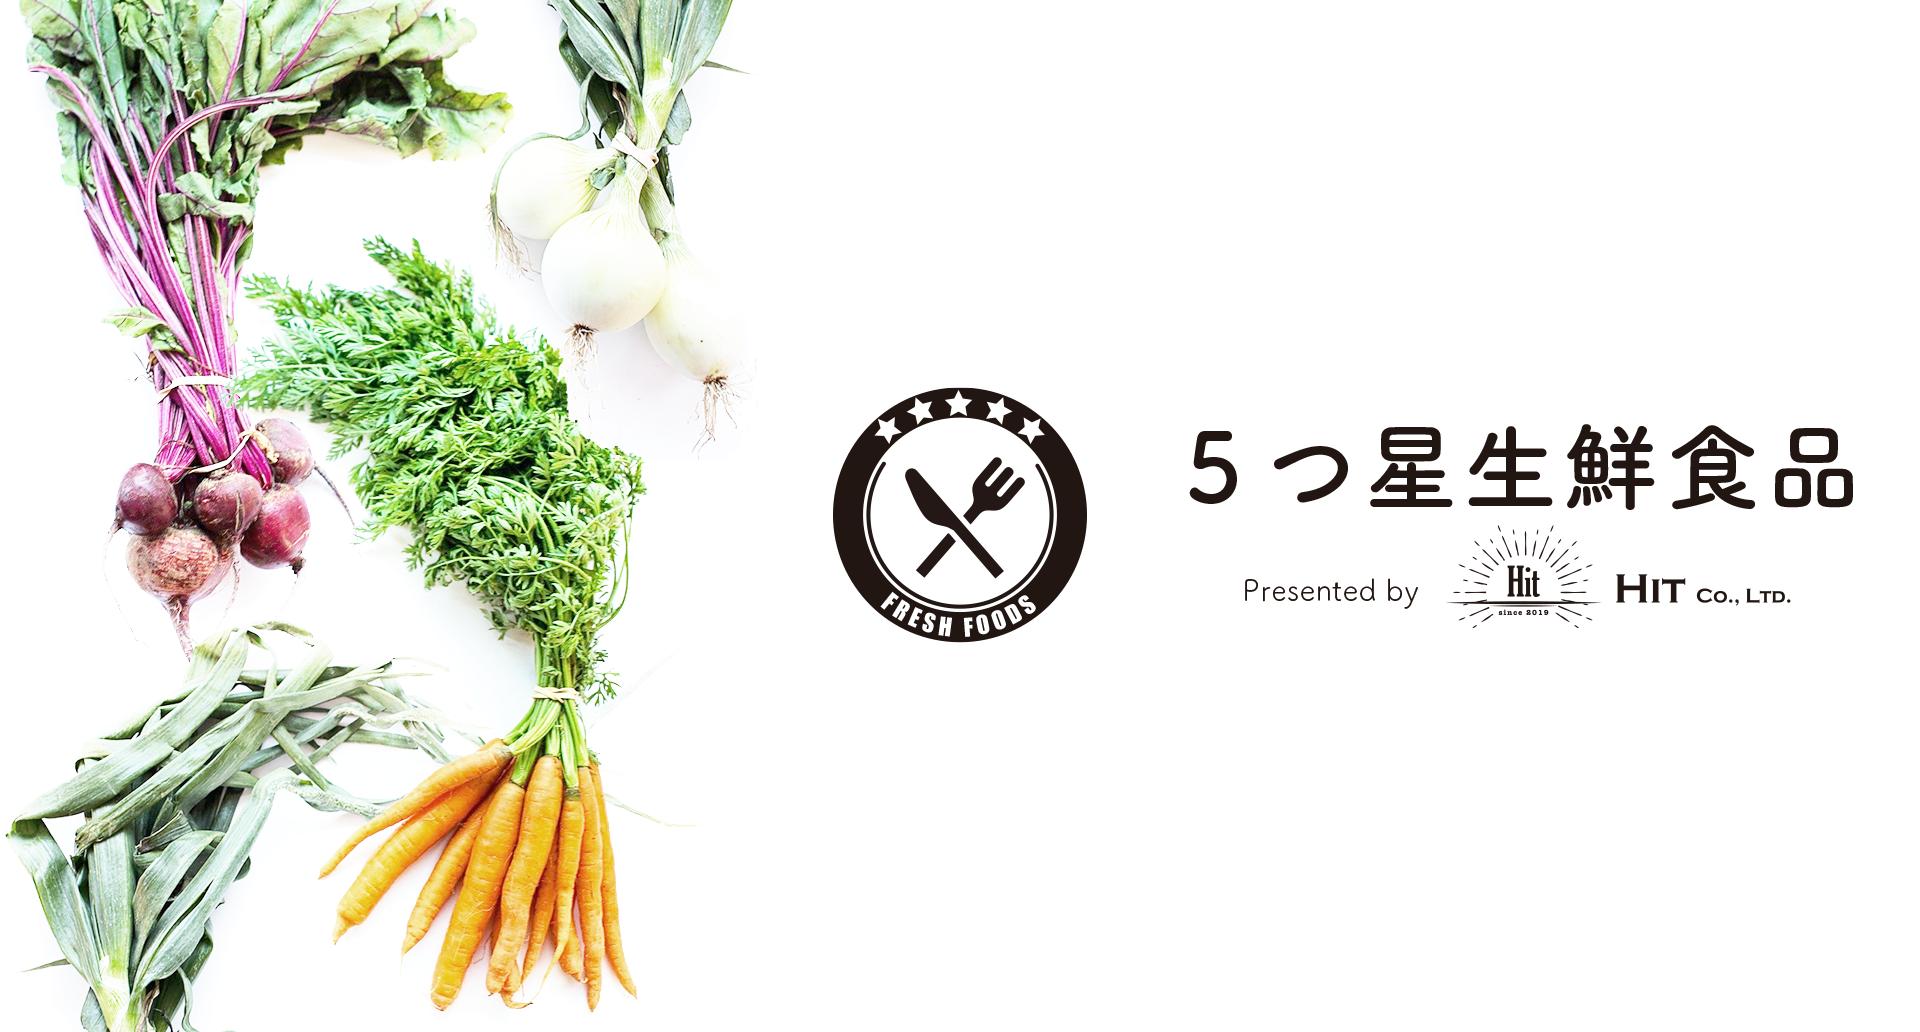 5つ星生鮮食品